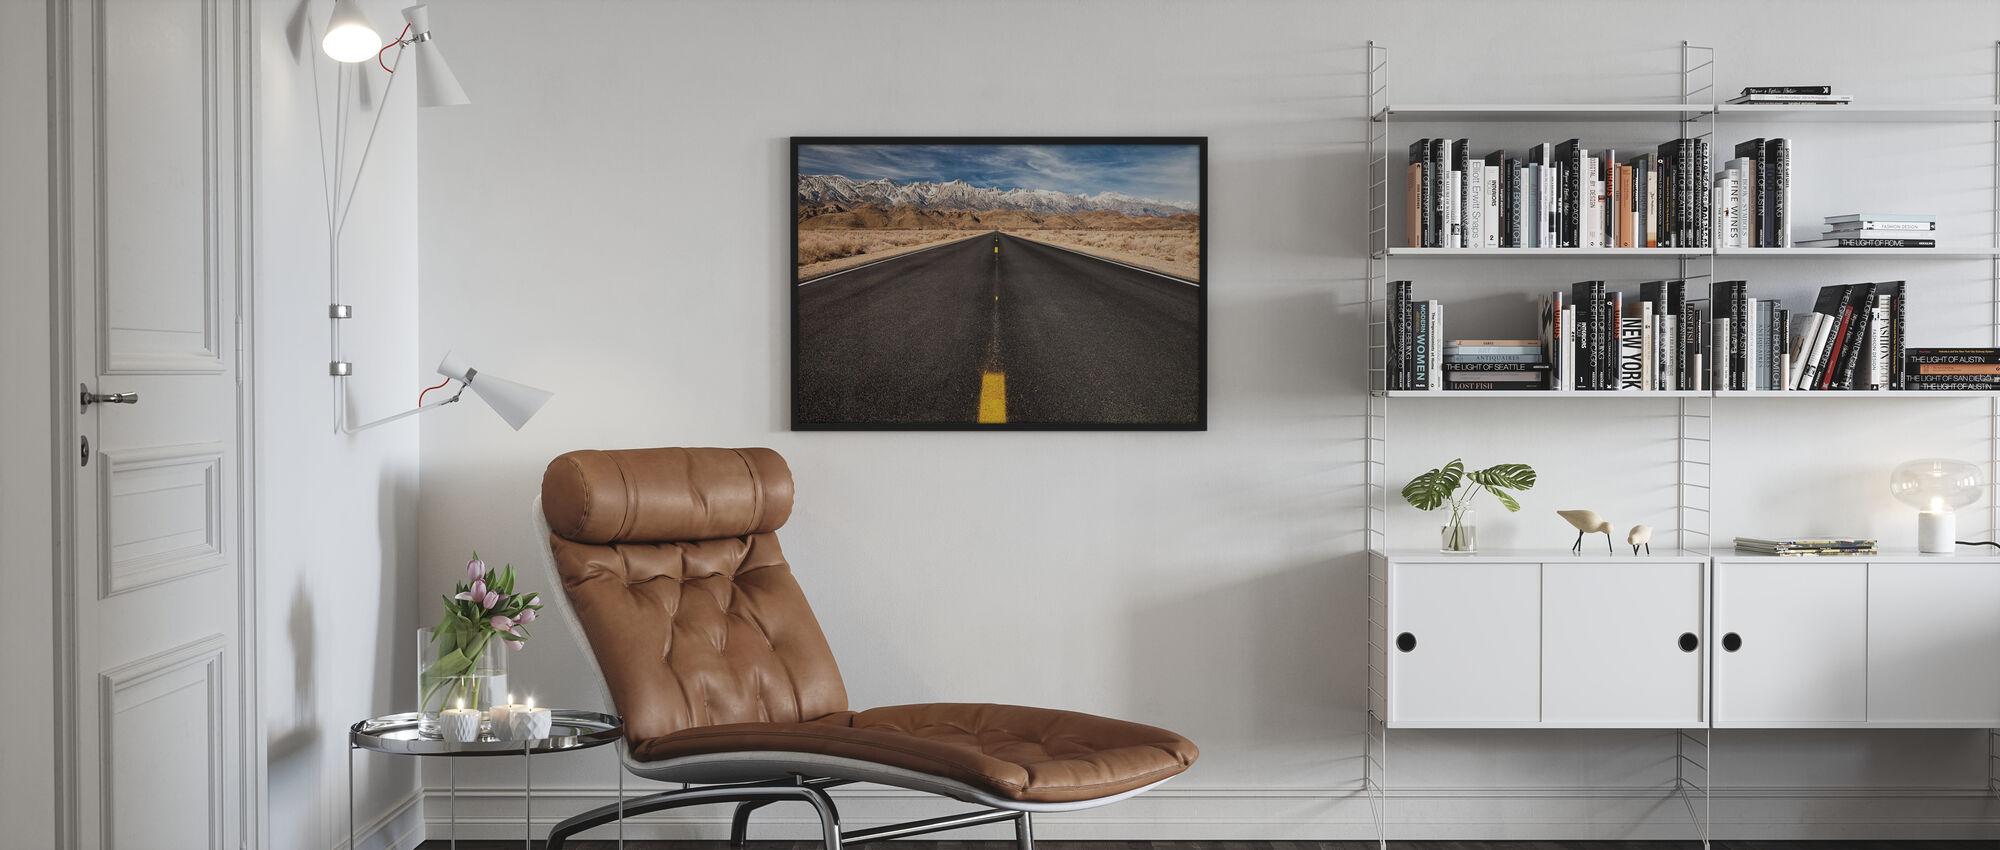 Rocky Mountain Road - Gerahmtes bild - Wohnzimmer